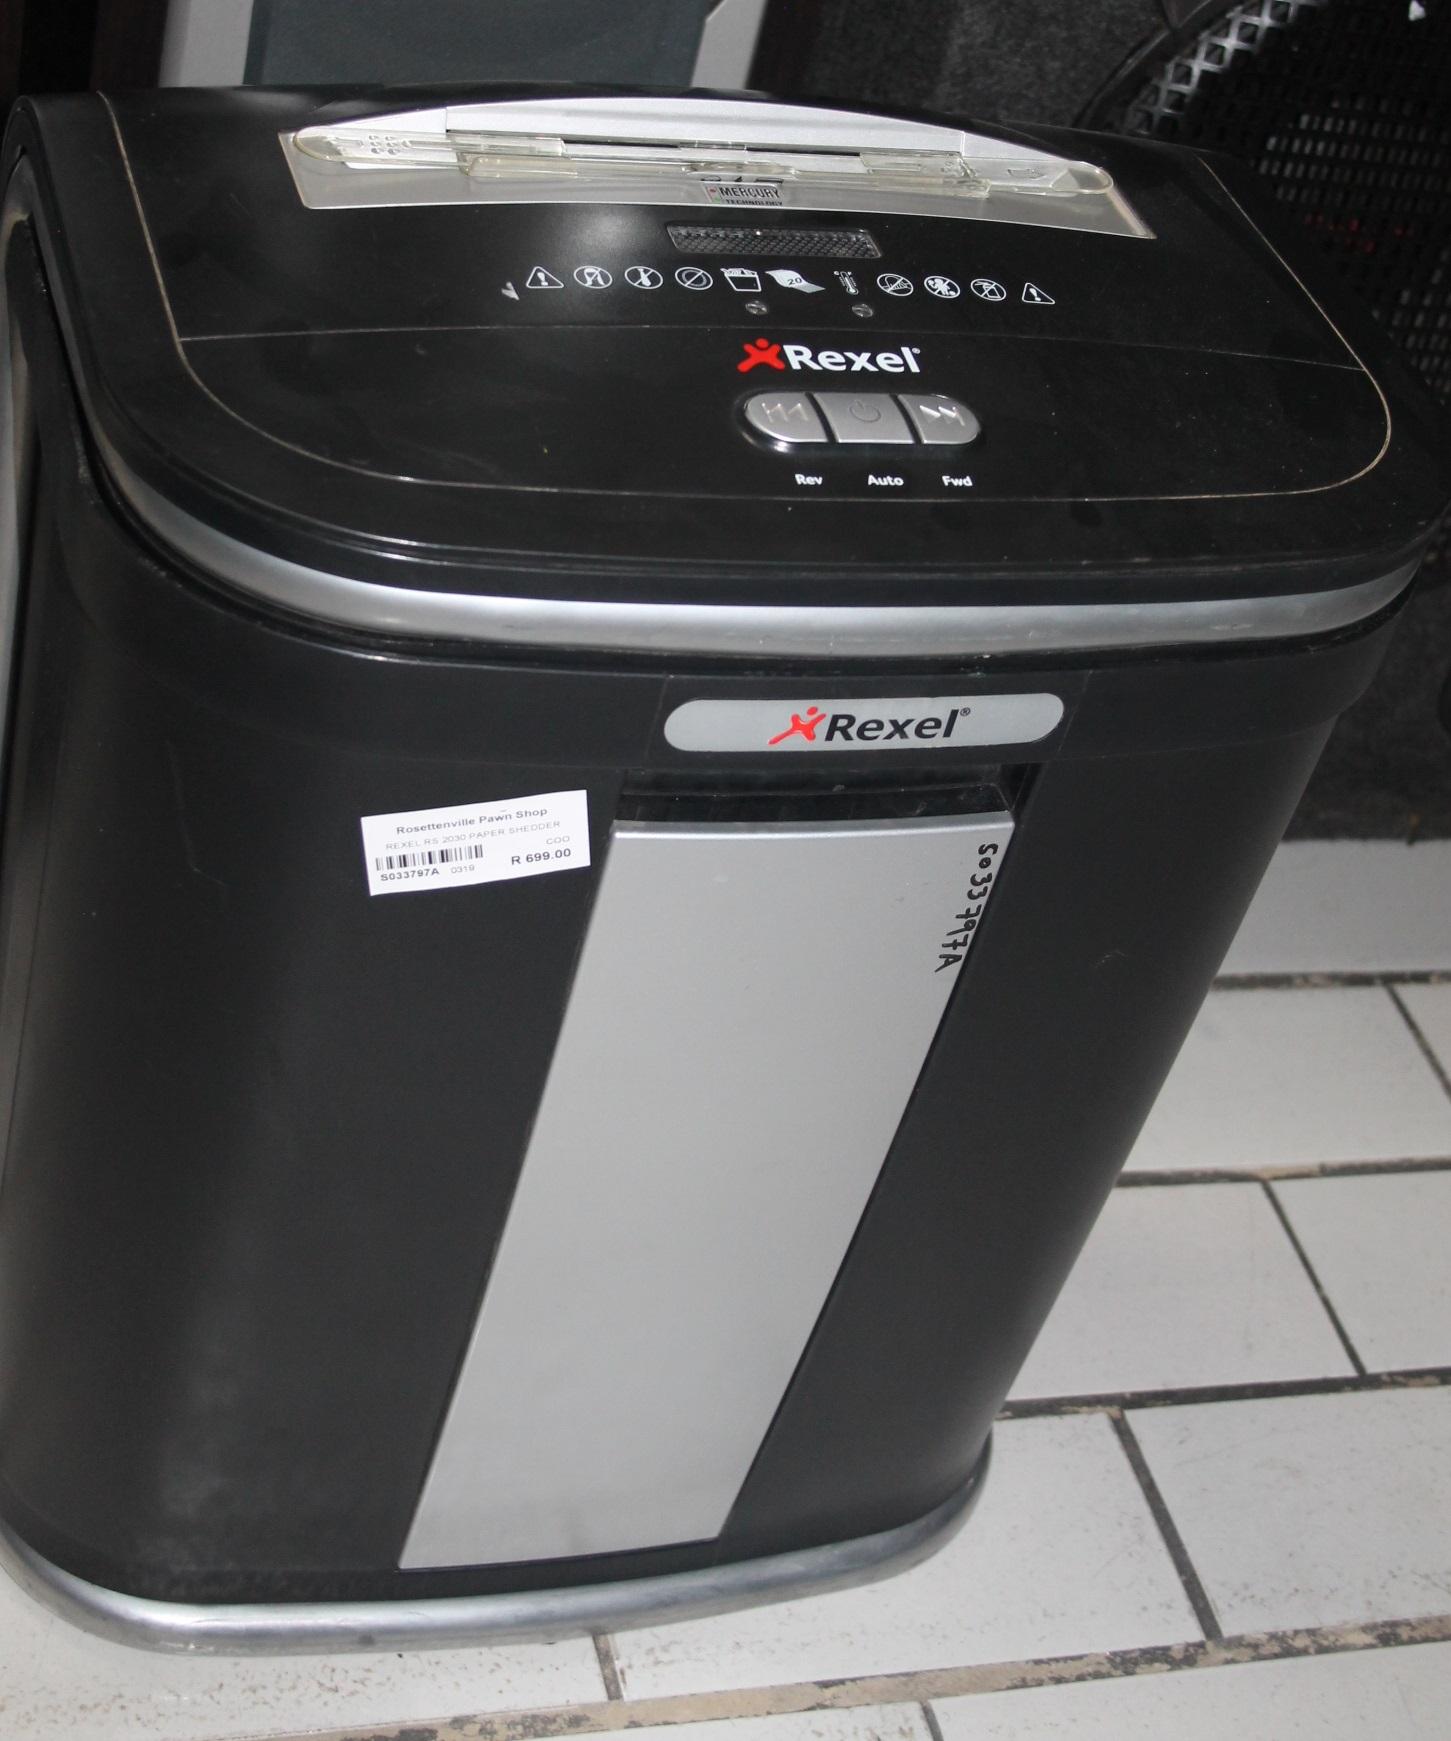 Rexel paper shredder S033797A #Rosettenvillepawnshop